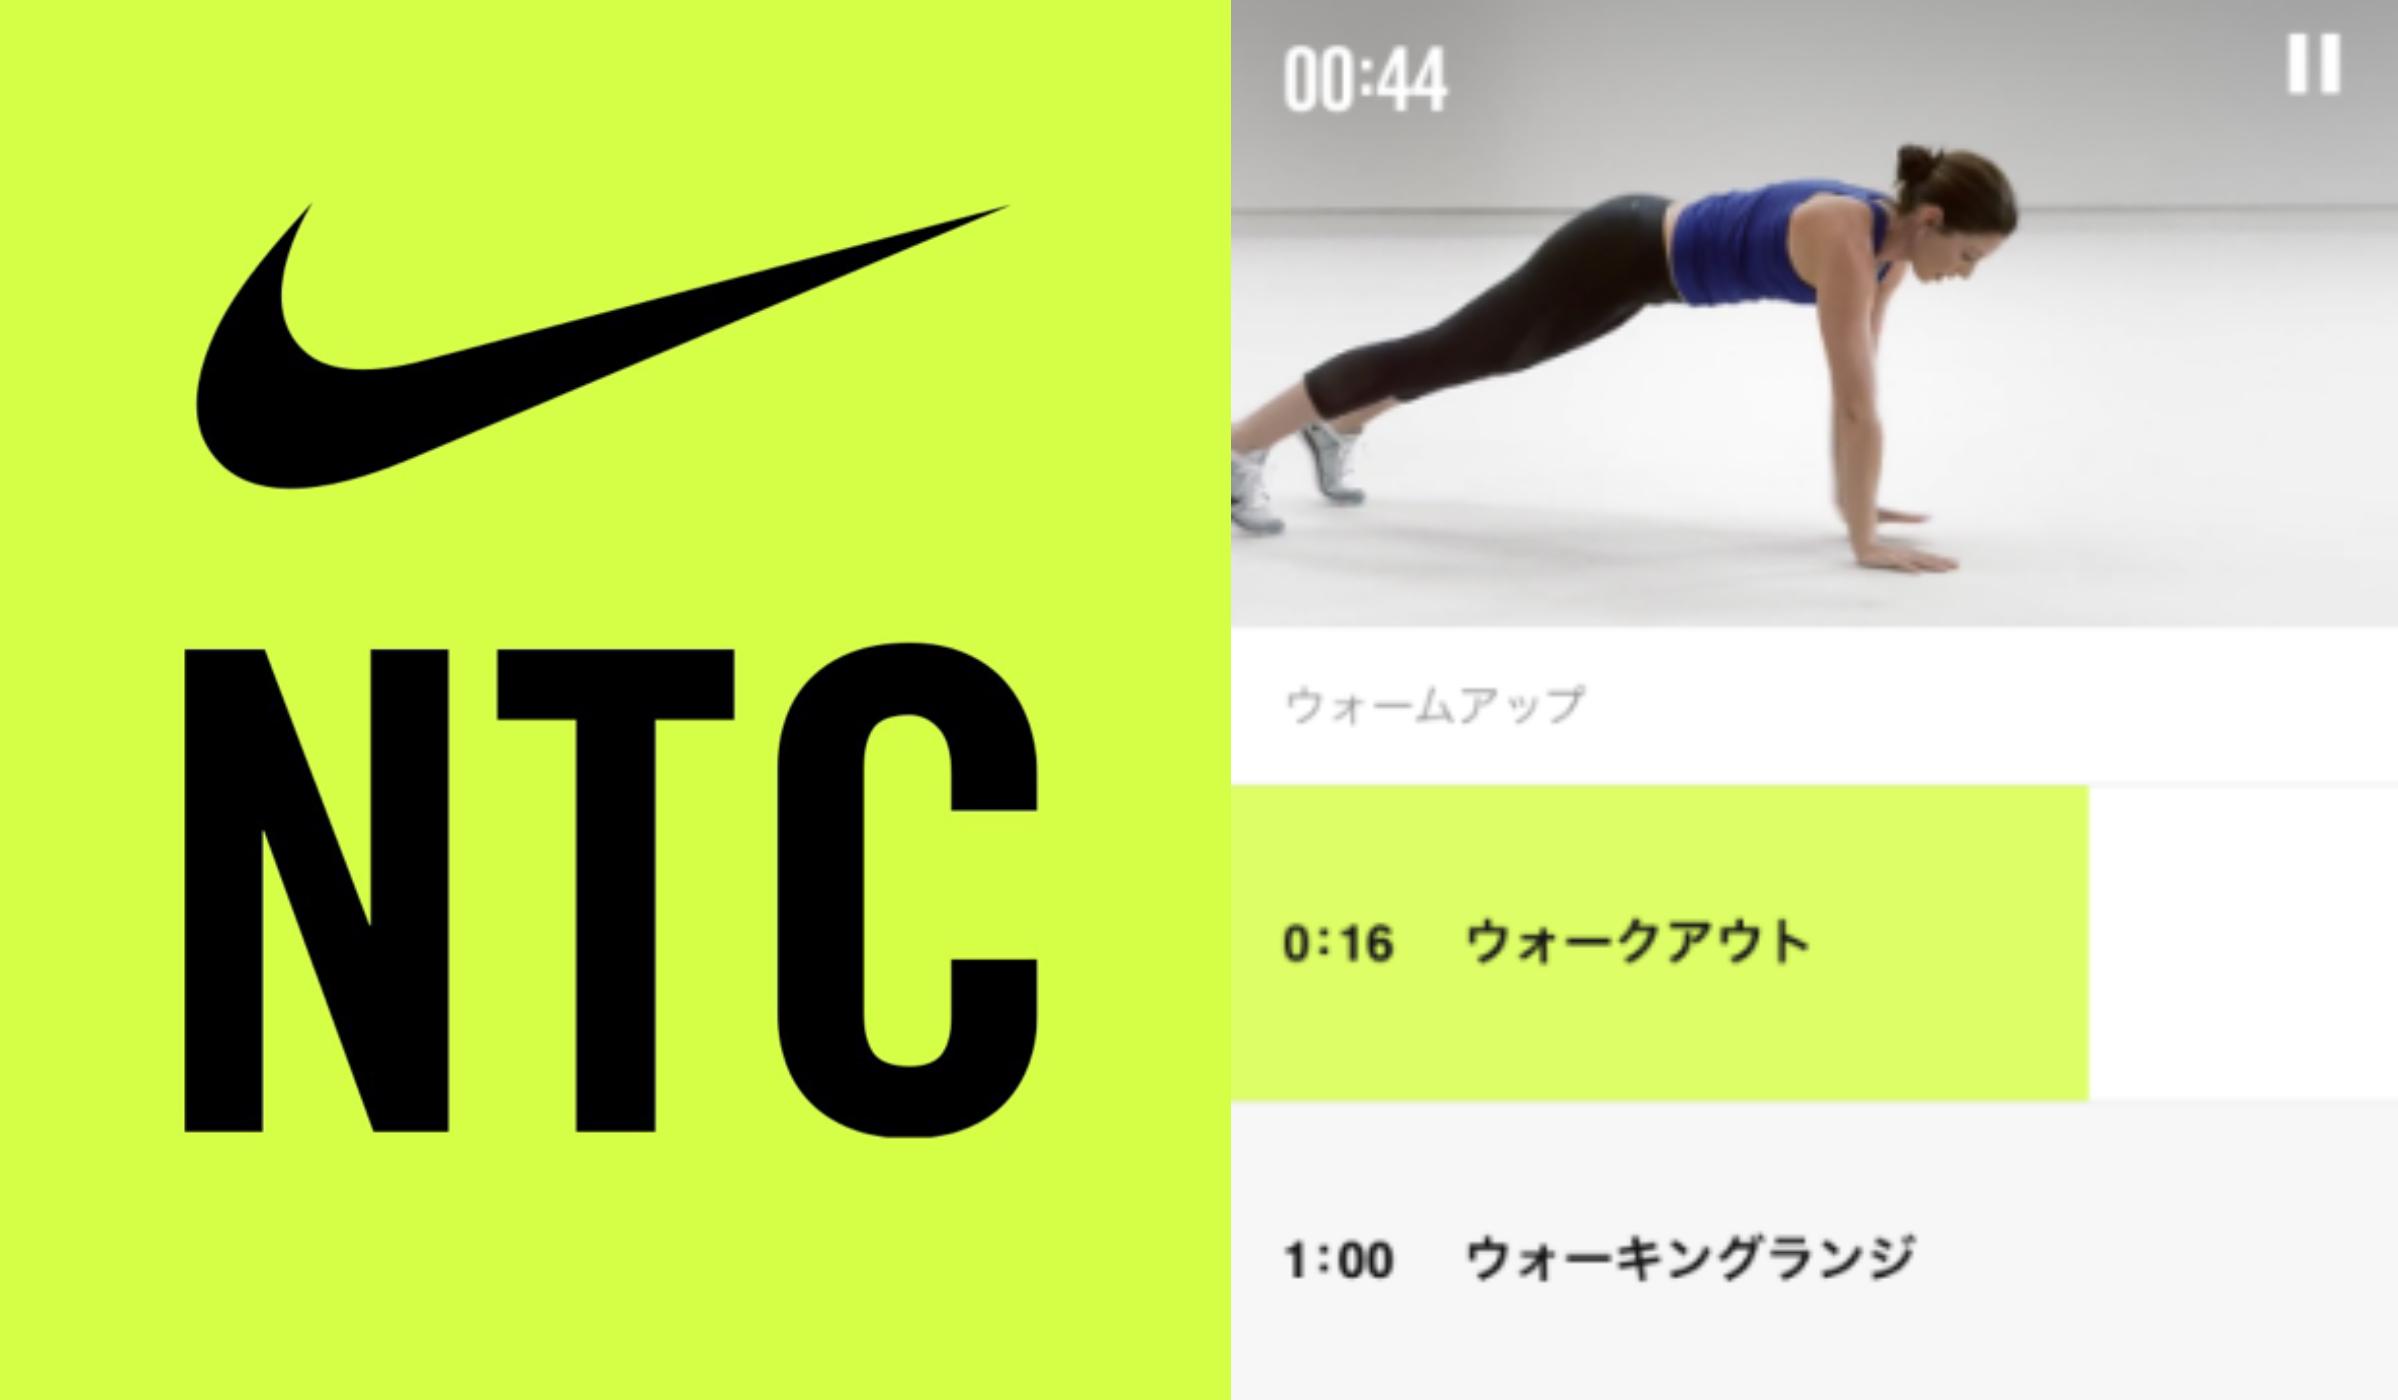 家でのトレーニングに『NIKE』の「NTCライブ」をおすすめ! 公式YouTubeやワークアウトコレクションを今すぐチェックしよう_2